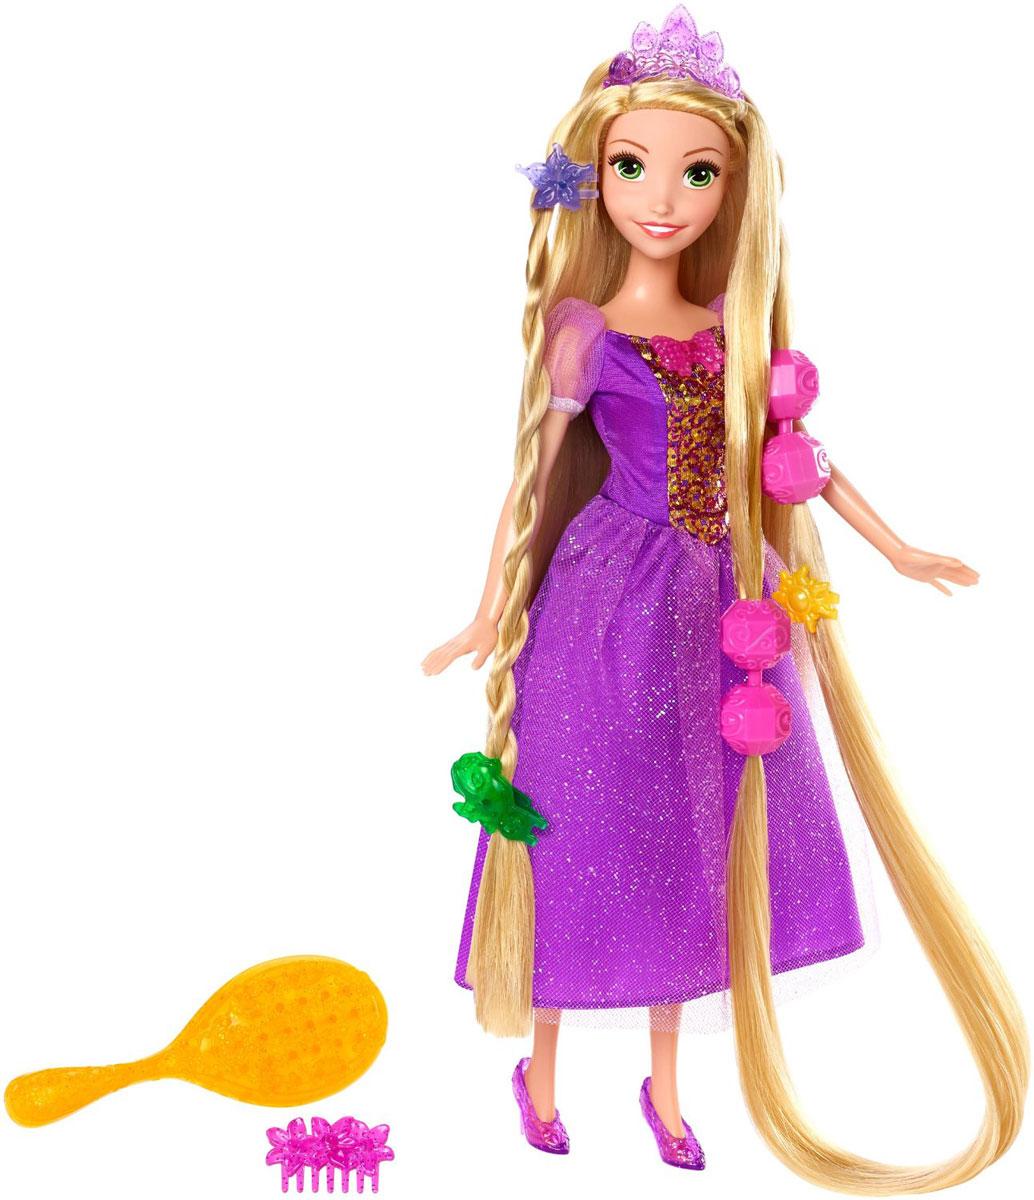 Disney Princess Кукла Рапунцель Сказочные волосыCJP12_DFR34Кукла Disney Princess Рапунцель поможет вашей малышке окунуться в сказочный мир. Куколка выполнена в виде главной героини мультфильма одноименного мультфильма. Она одета в длинное шикарное платье фиолетового цвета, на ногах - красивые туфельки, а на голове - очаровательная диадема. Также в комплект входят расческа, три заколочки, гребешок и четыре оригинальных украшения в виде крупных бусин, благодаря которым ваша дочурка сможет сделать куколке различные прически. Ваша малышка с удовольствием будет играть с принцессой, проигрывая сюжеты из мультфильма или придумывая различные истории.